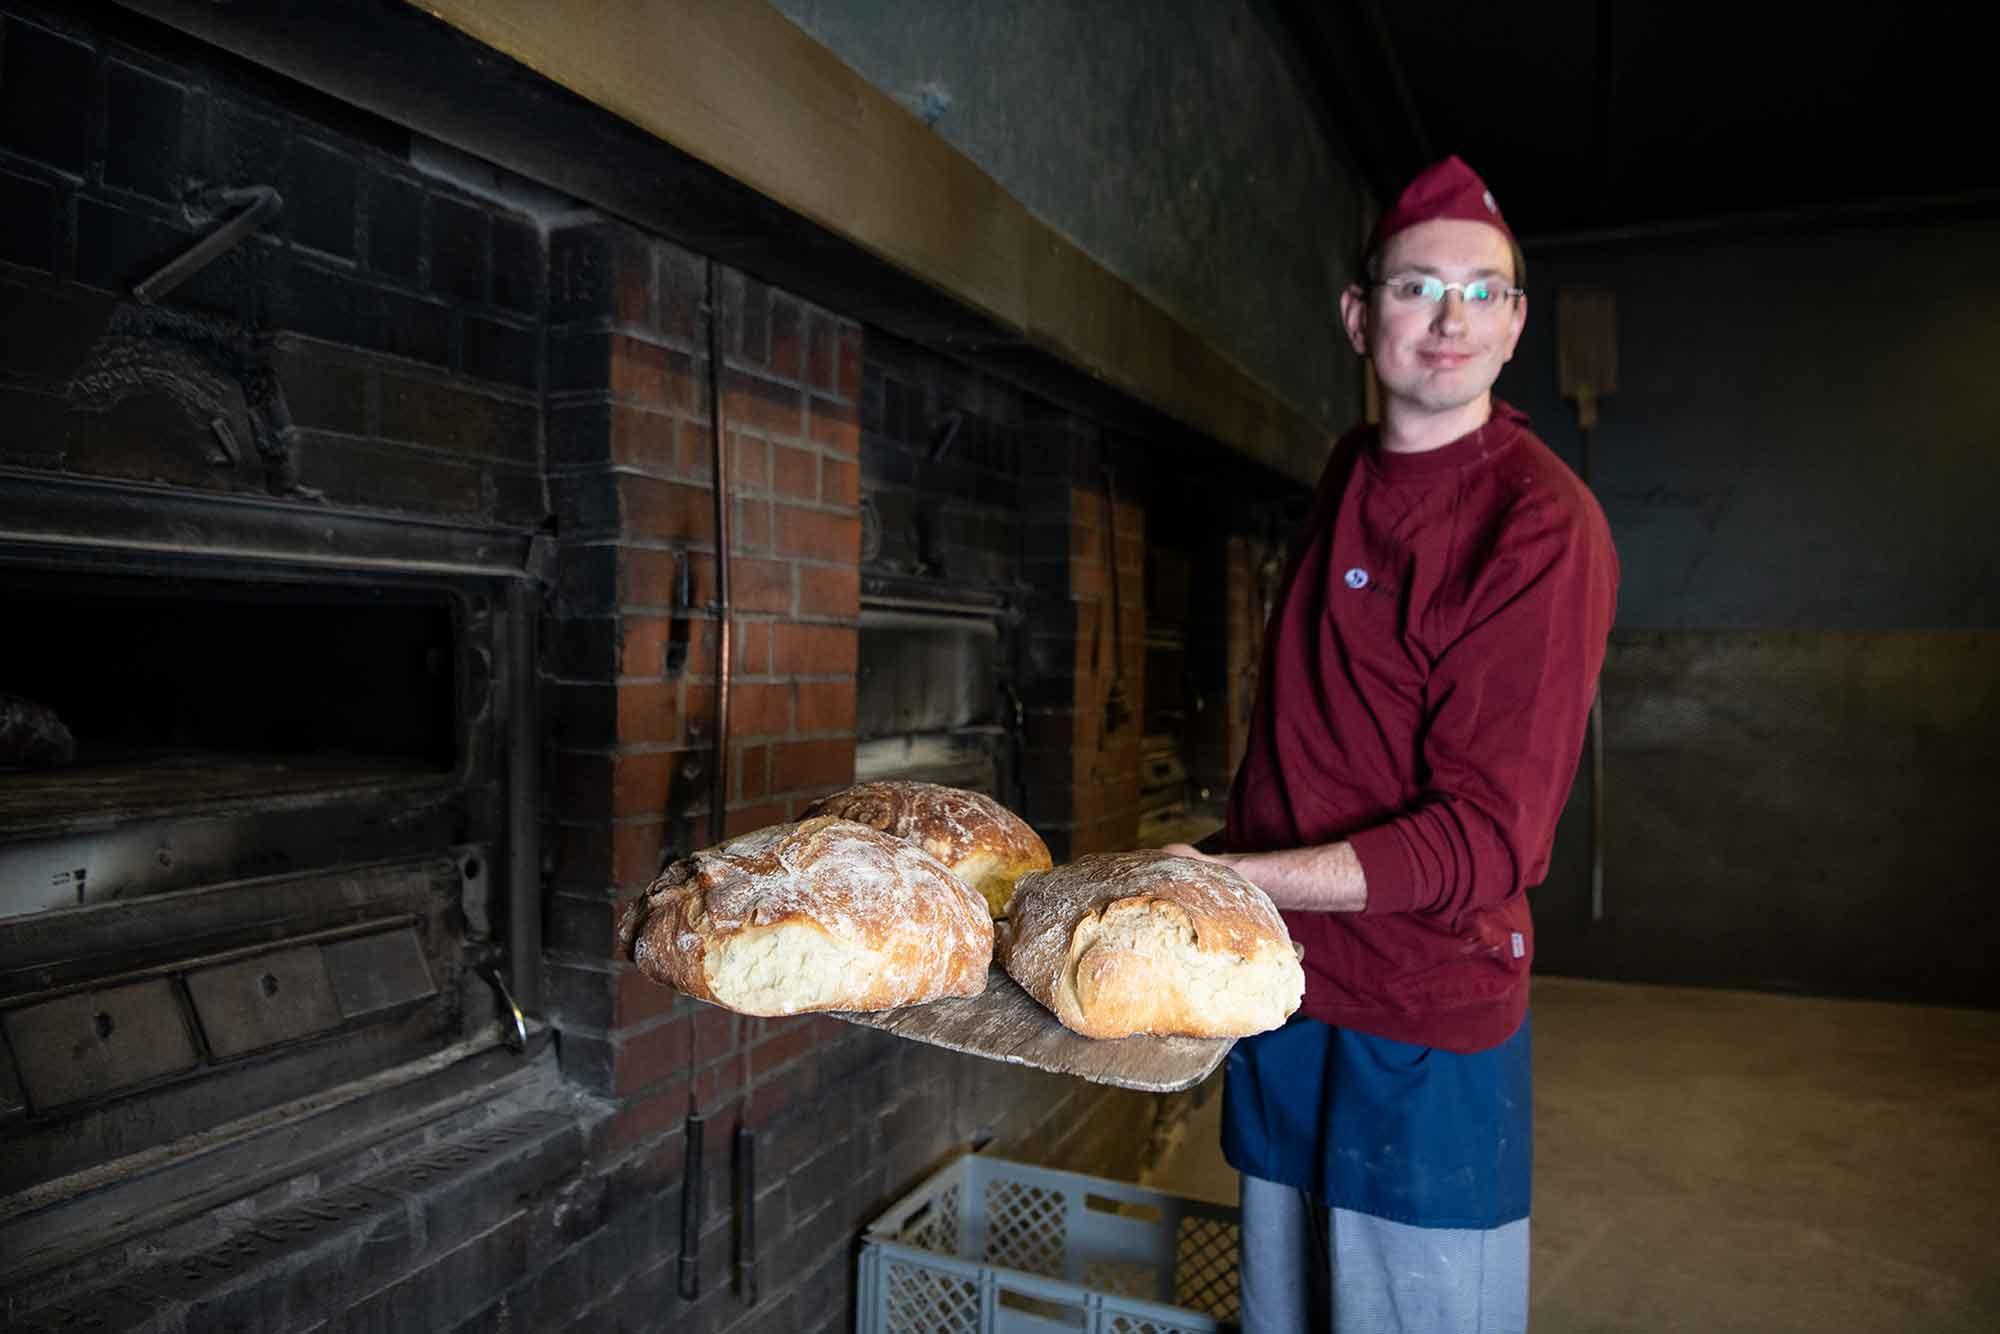 Bäcker mit Brot vor Holzofen